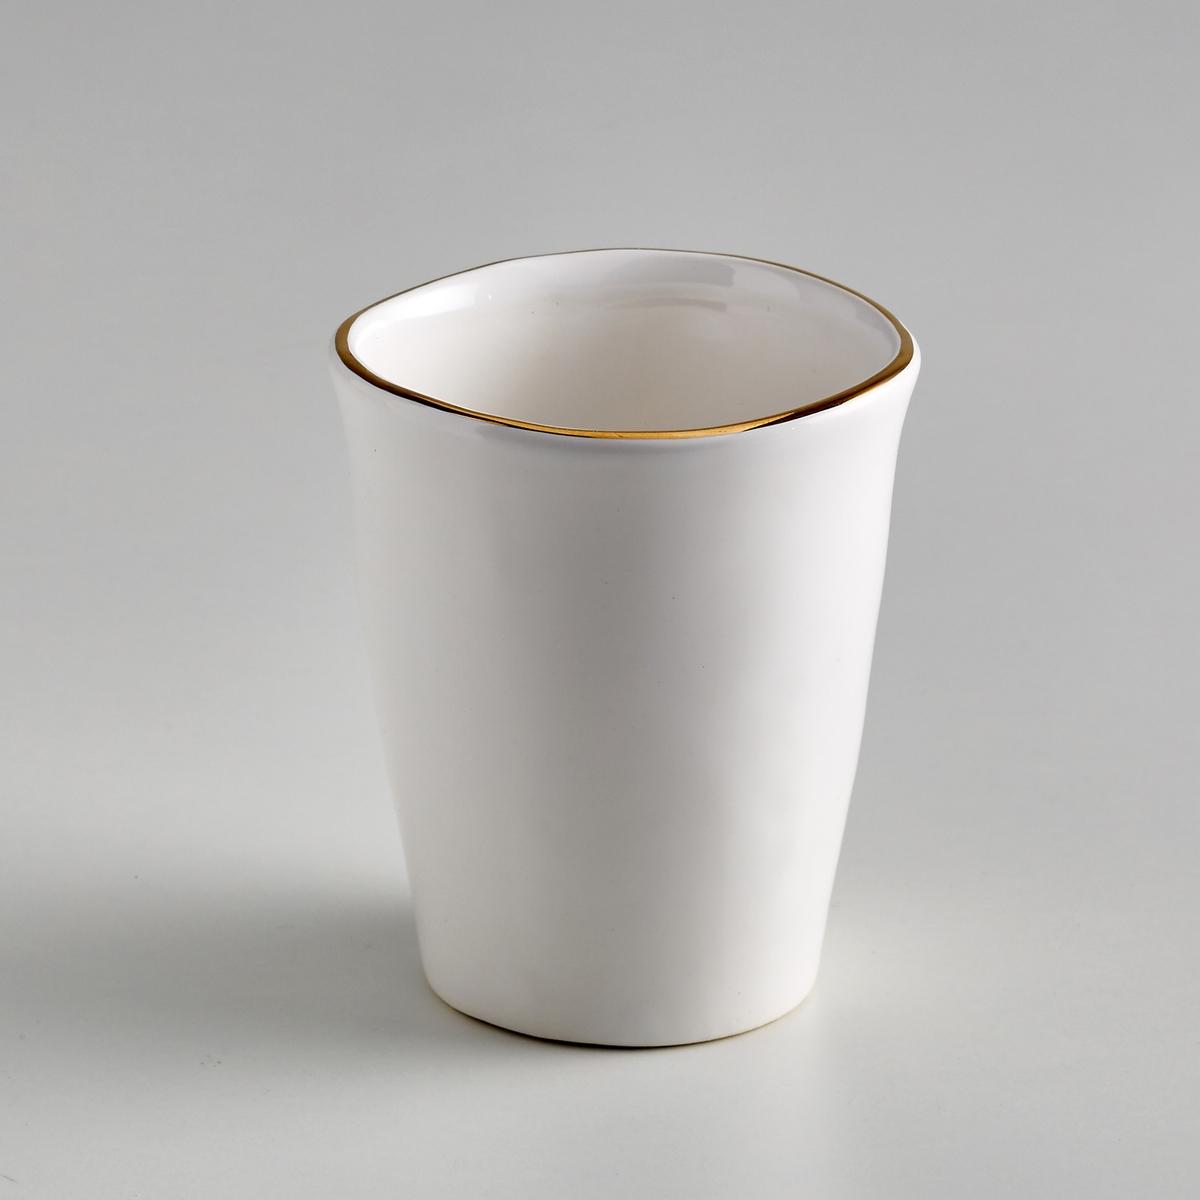 Комплект из 4 чашек из фаянса, Catalpa4 чашки Catalpa. Элегантная и неподвластная времени посуда из фаянса, покрытого белой глазурью, с тонкой каймой золотистого цвета. Органическая форма и неровные края придают чашкам оригинальности. Сделано в Португалии. Разм. : диаметр 7,5 x высота 8 см. Подходят для использования в посудомоечной машине.<br><br>Цвет: белый<br>Размер: единый размер